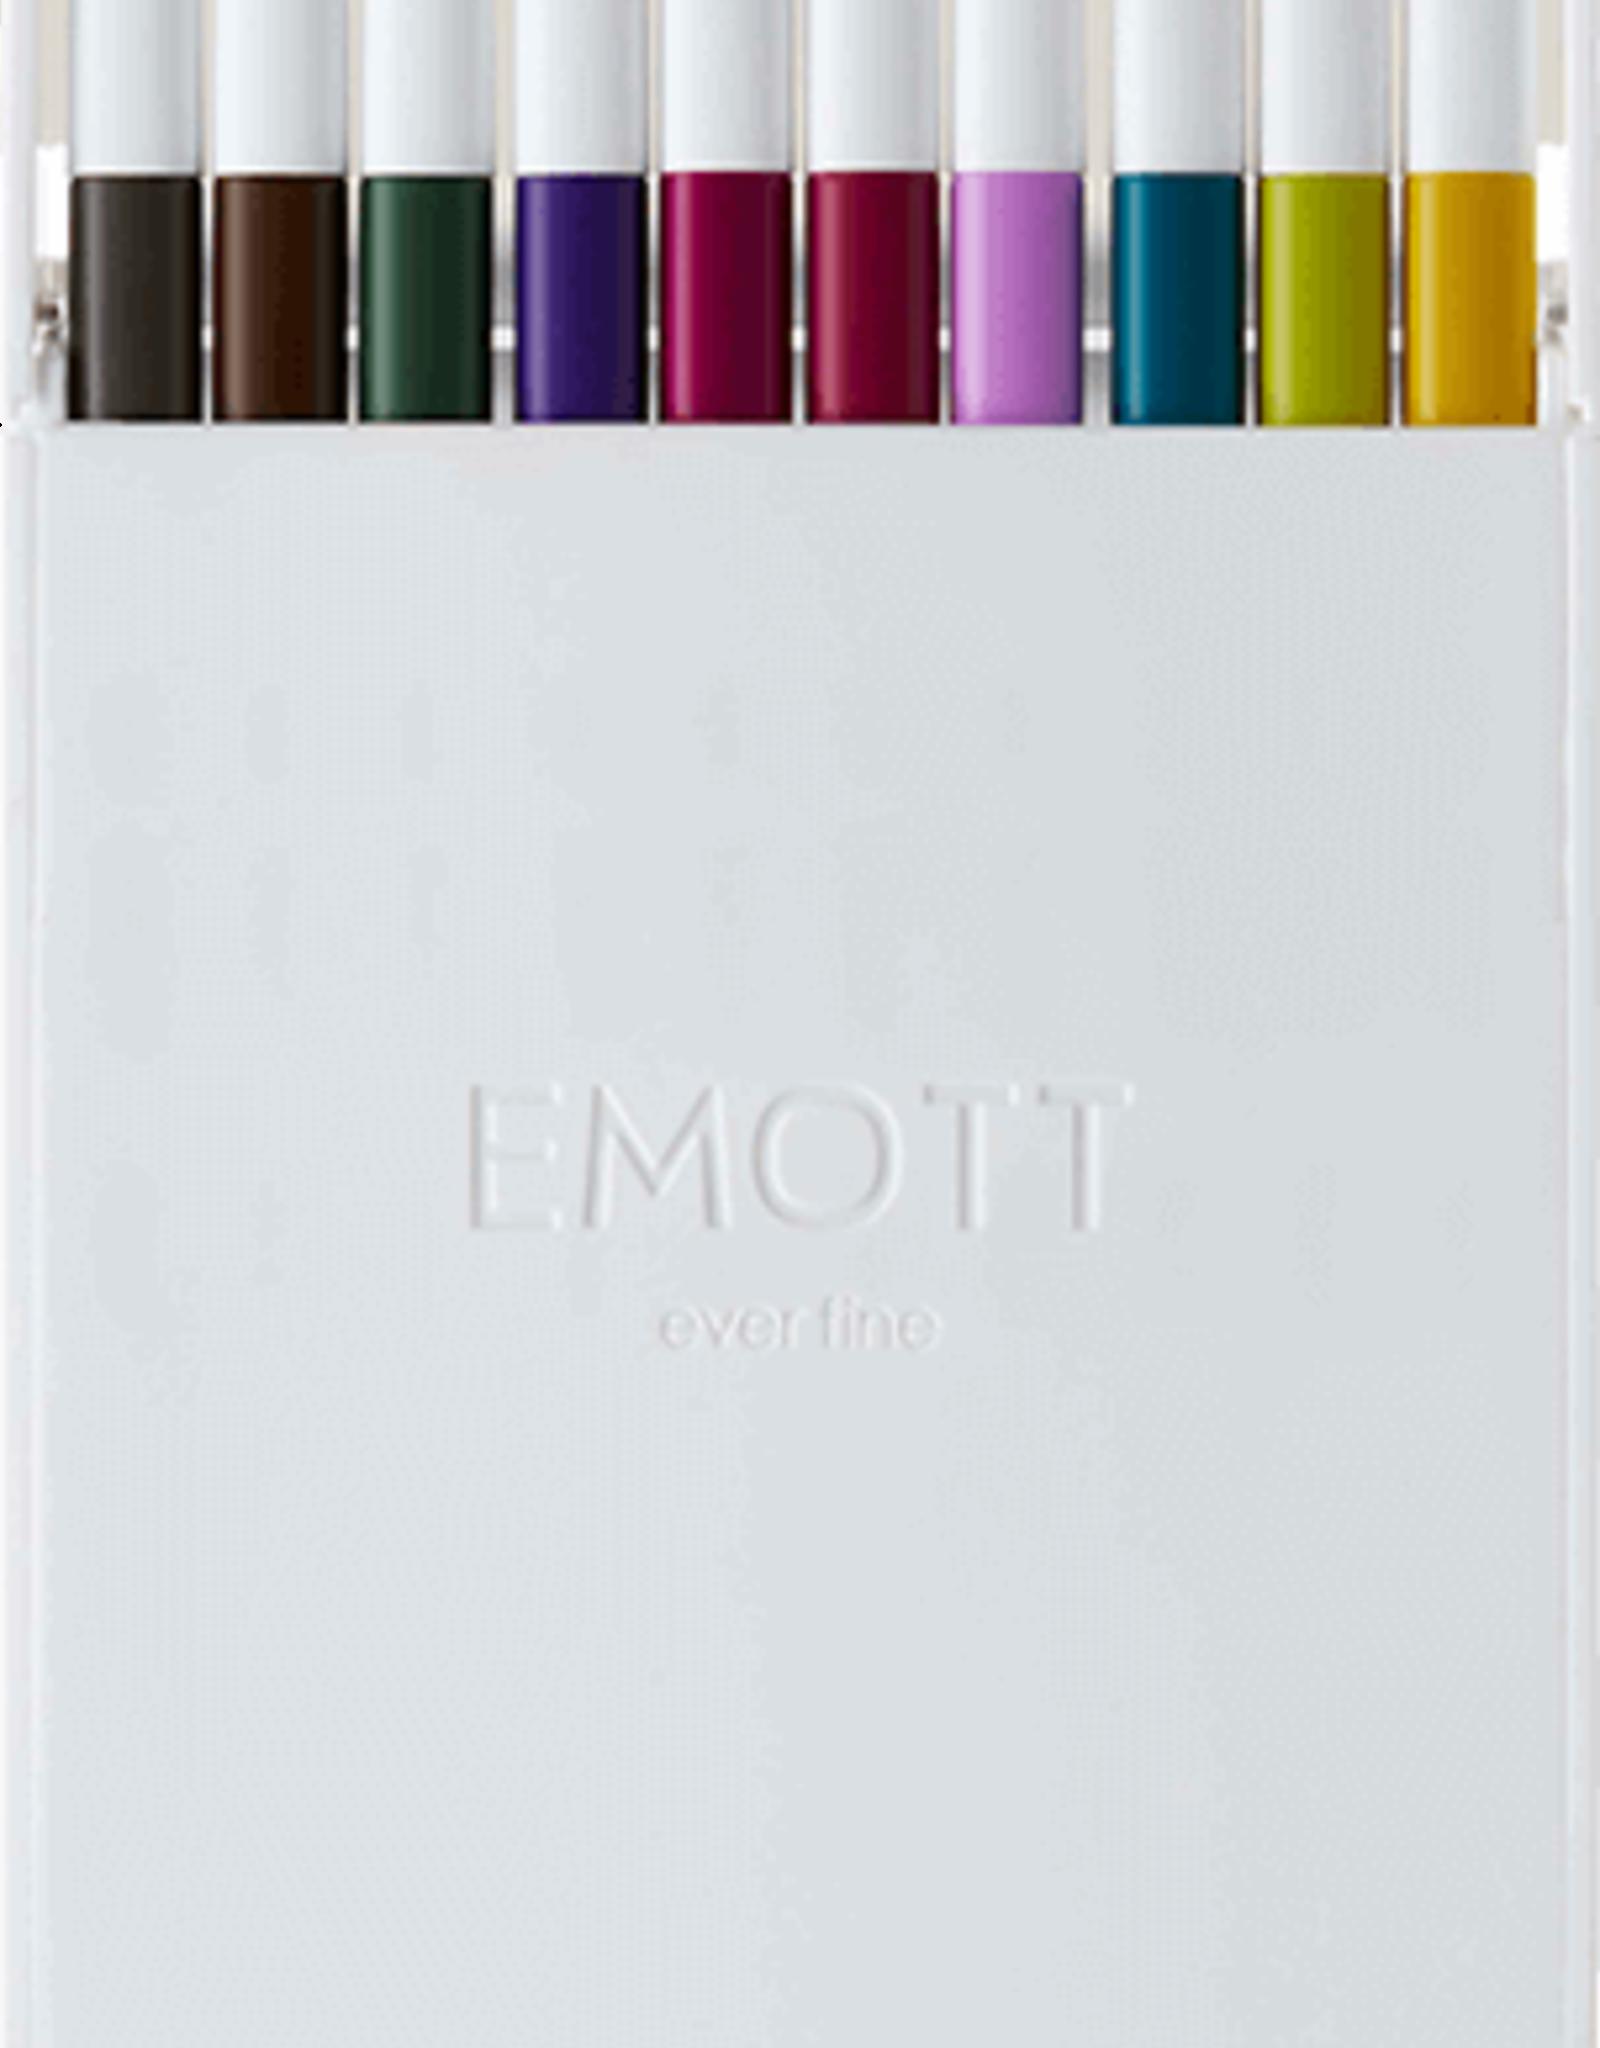 Uni UNI EMOTT Fine Line Pen 10 Pcs